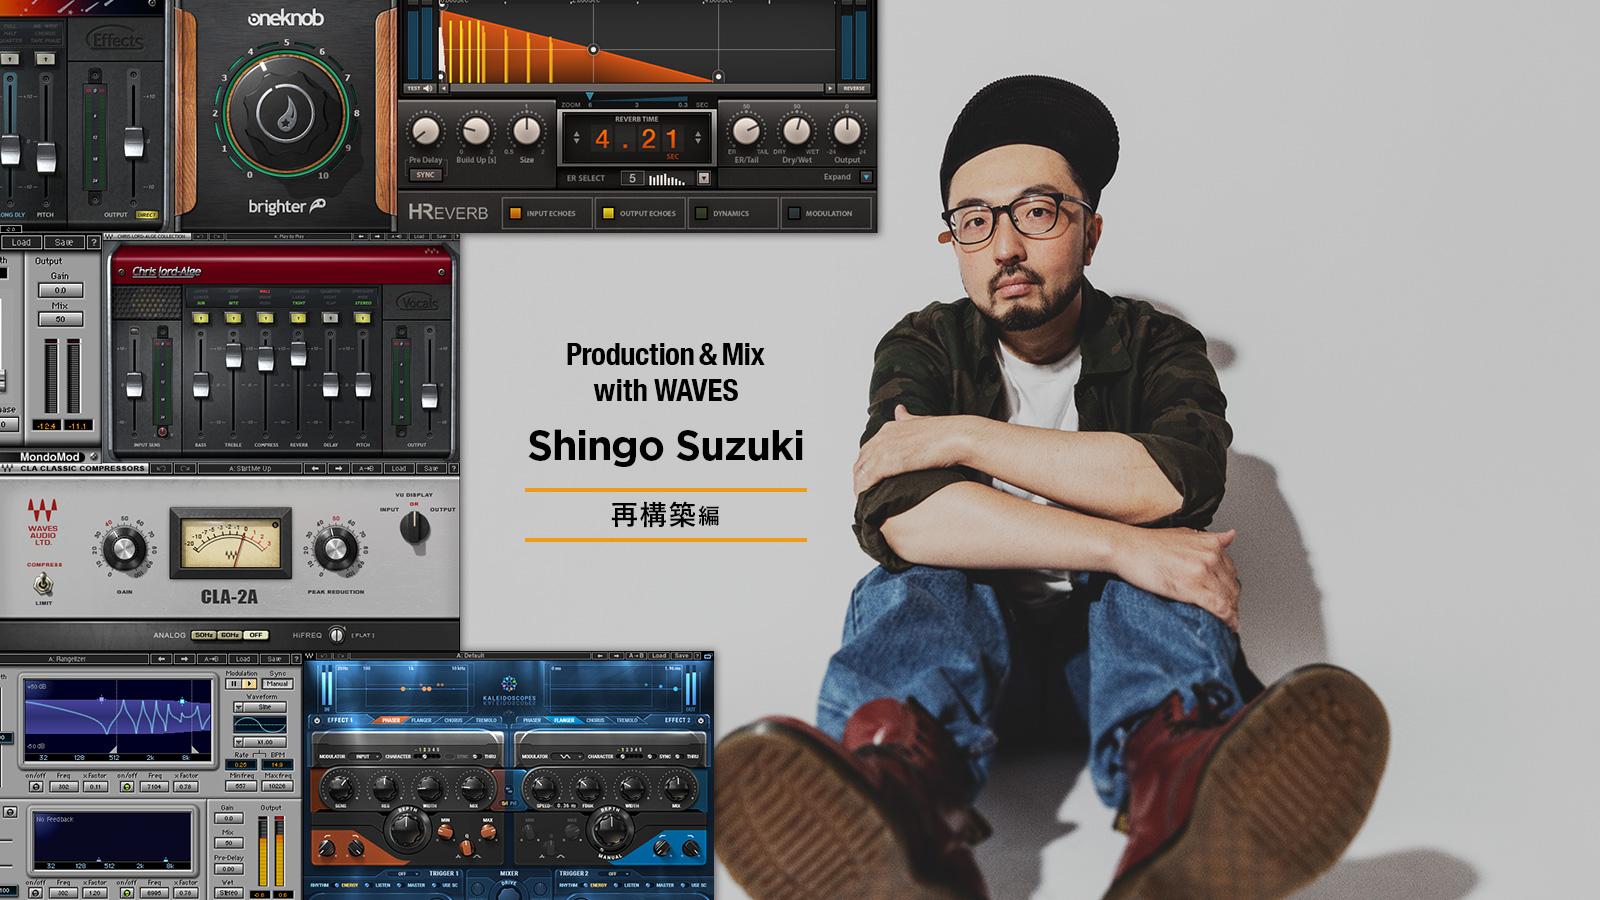 Production & Mix with WAVES – Shingo Suzuki – 再構築編